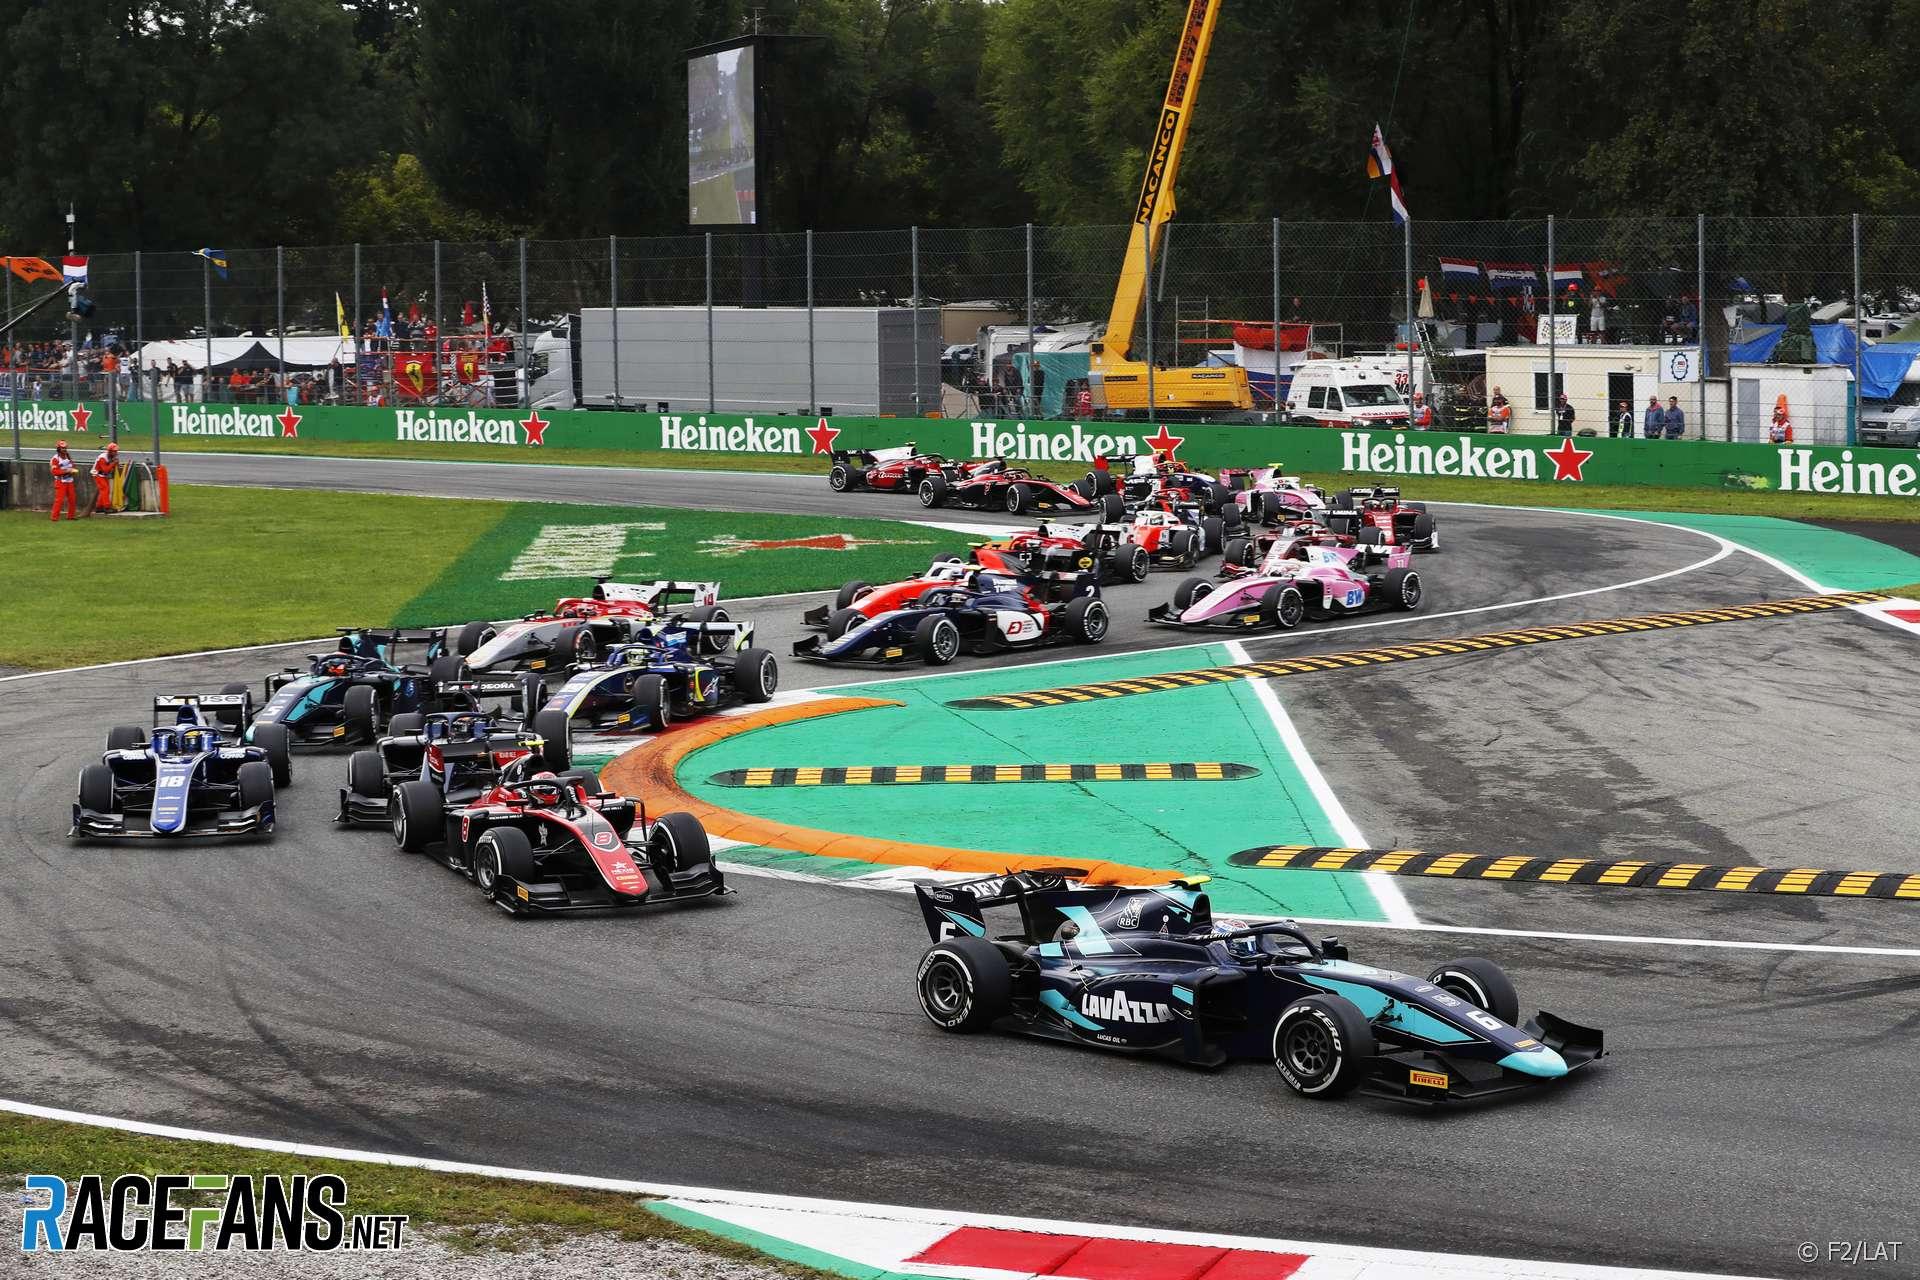 La f1 sbarca a monza e torna la sprint race dopo il debutto. Start F2 Sprint Race Monza 2018 Racefans